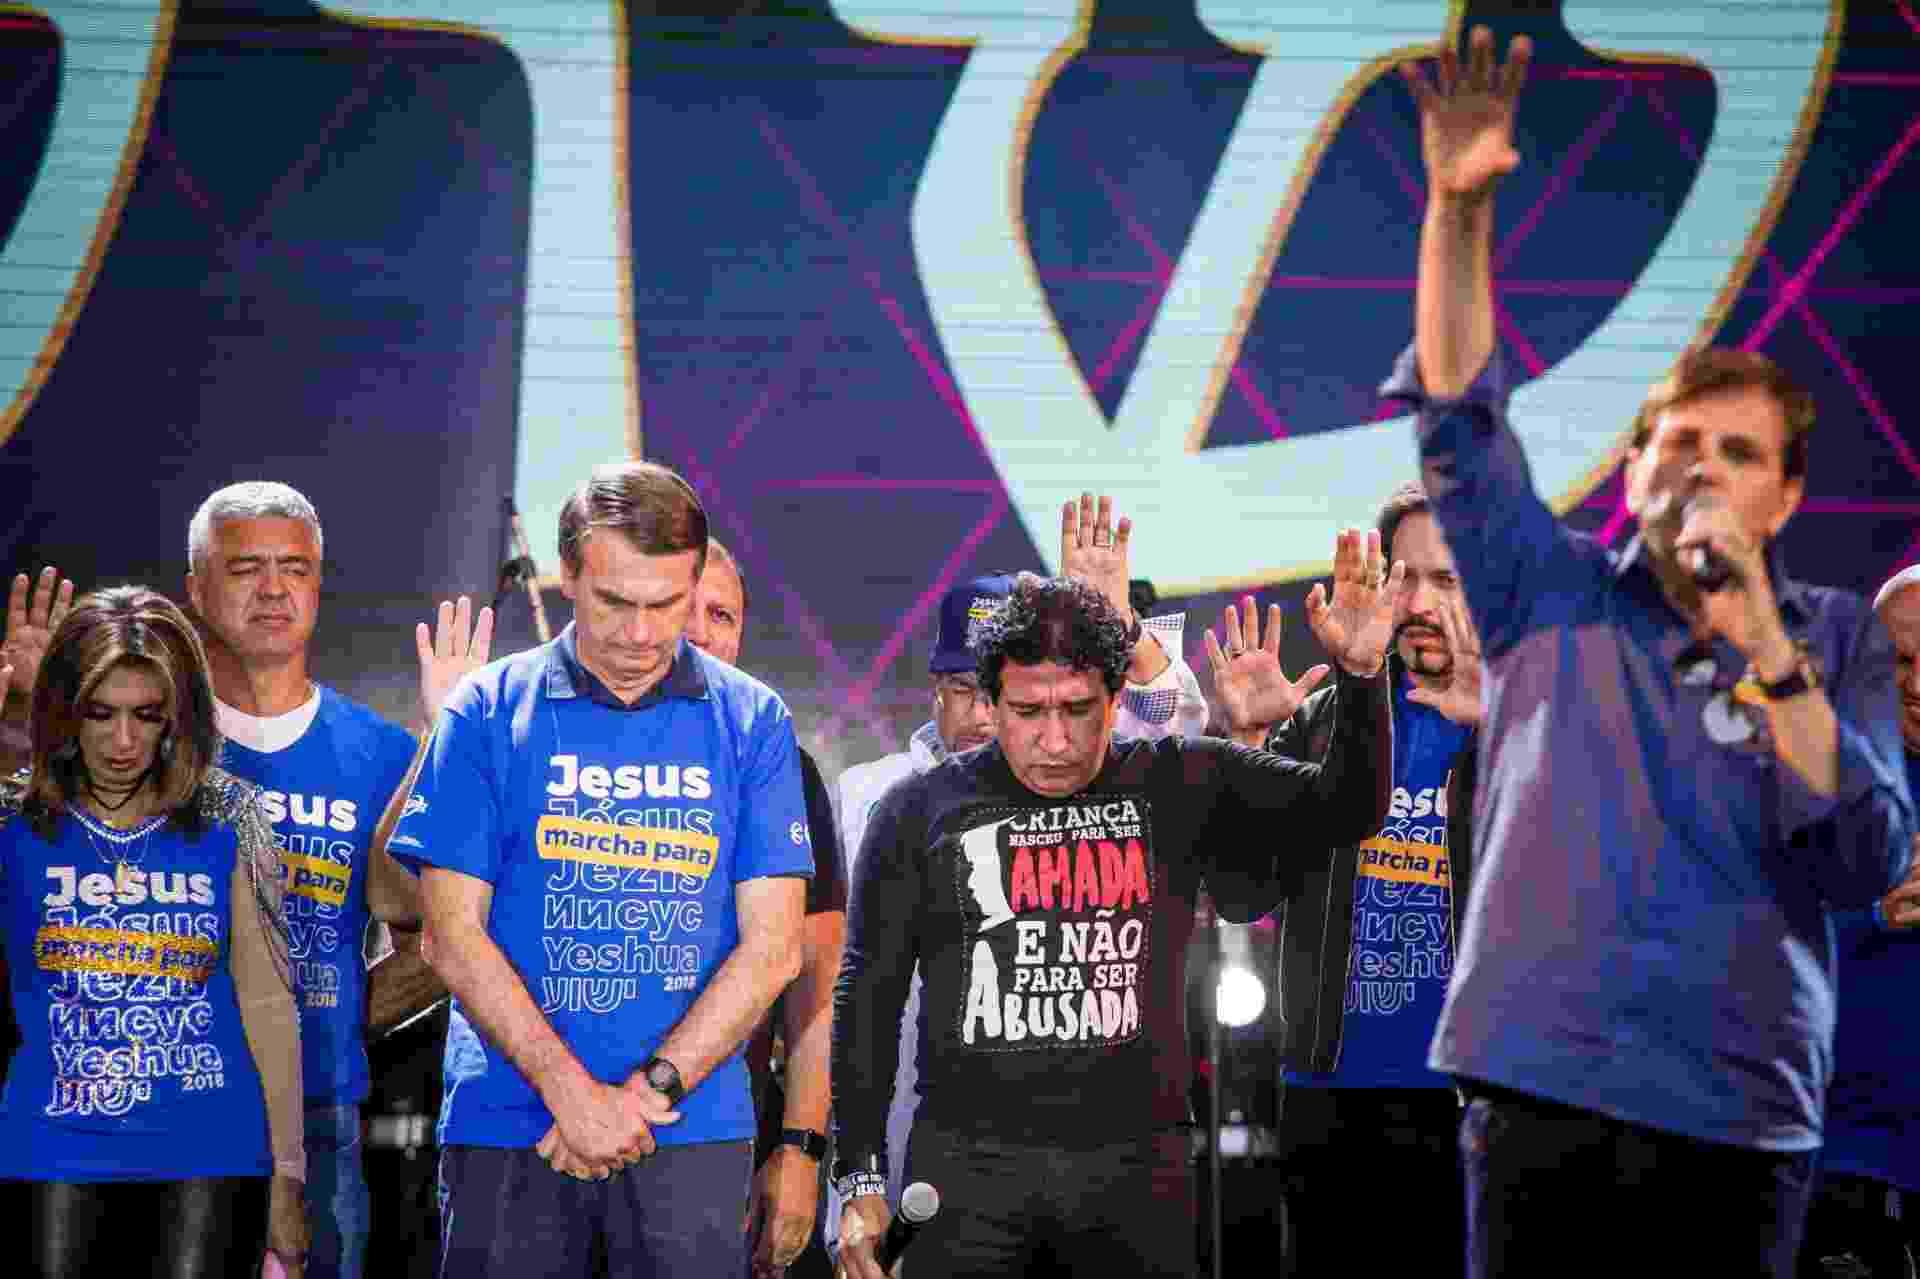 31.mai.2018 - O pré-candidato à Presidência, o deputado federal Jair Bolsonaro (PSL-RJ), participa da 26° Marcha para Jesus em São Paulo - Edson Lopes Jr./UOL